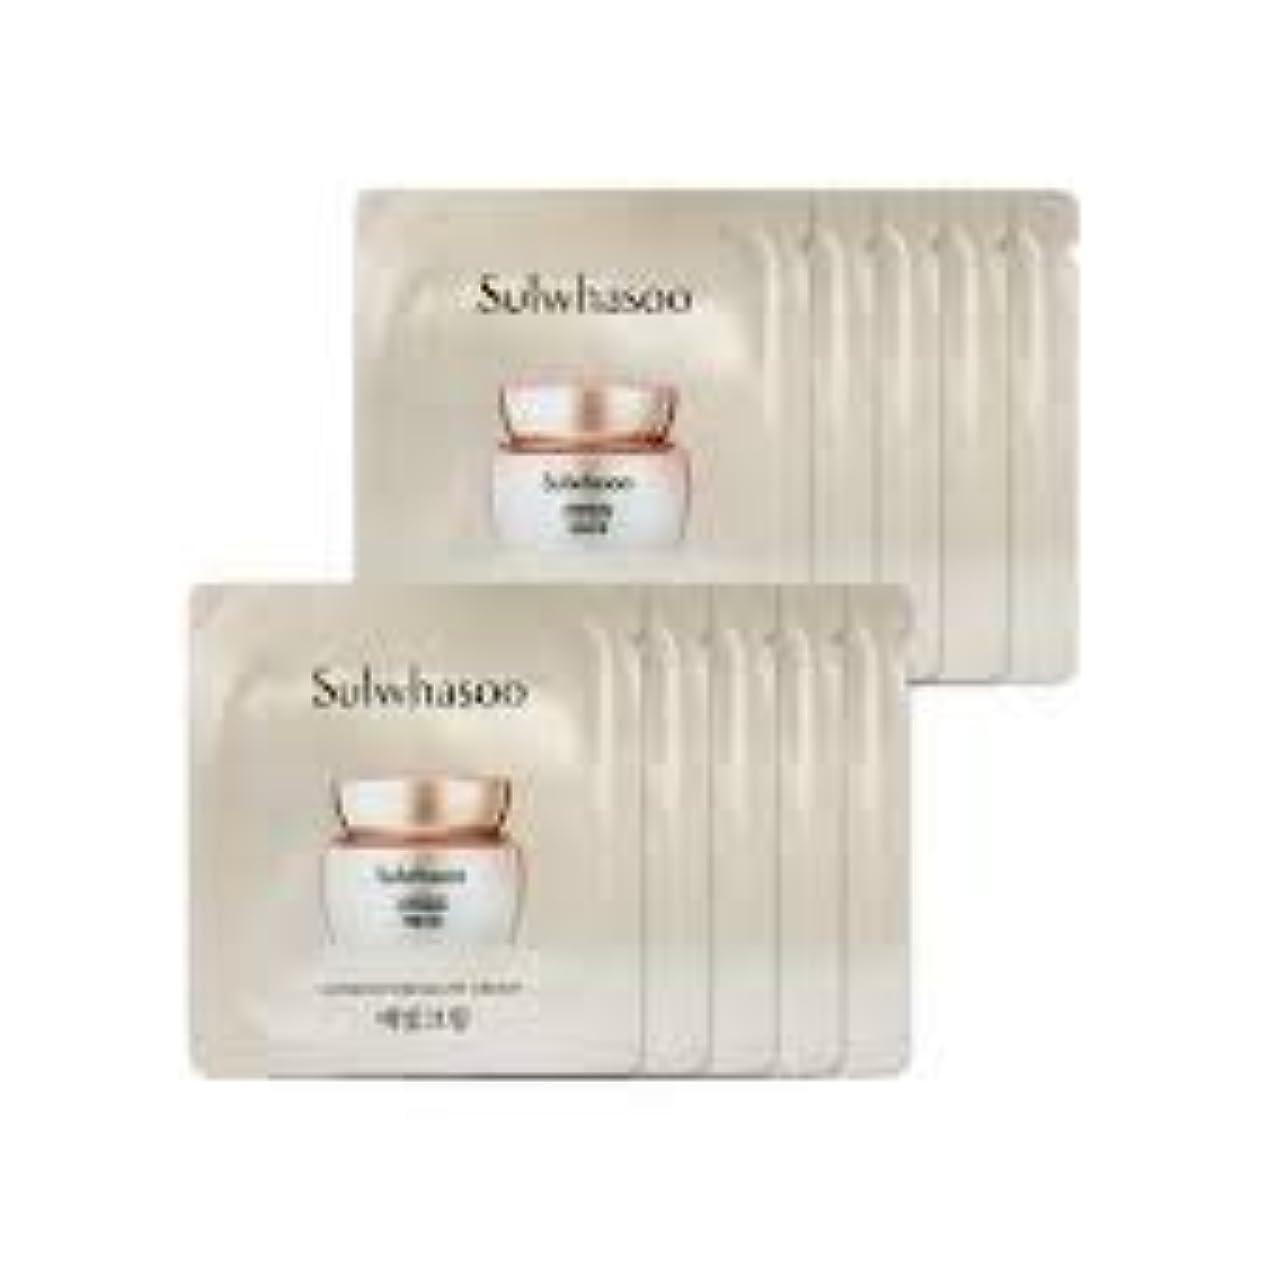 シェトランド諸島見る人ケイ素[ソルファス ] Sulwhasoo (雪花秀) ルミナチュアグロー Luminature Glow Cream 1ml x 30 (イェビトクリーム) [ShopMaster1]